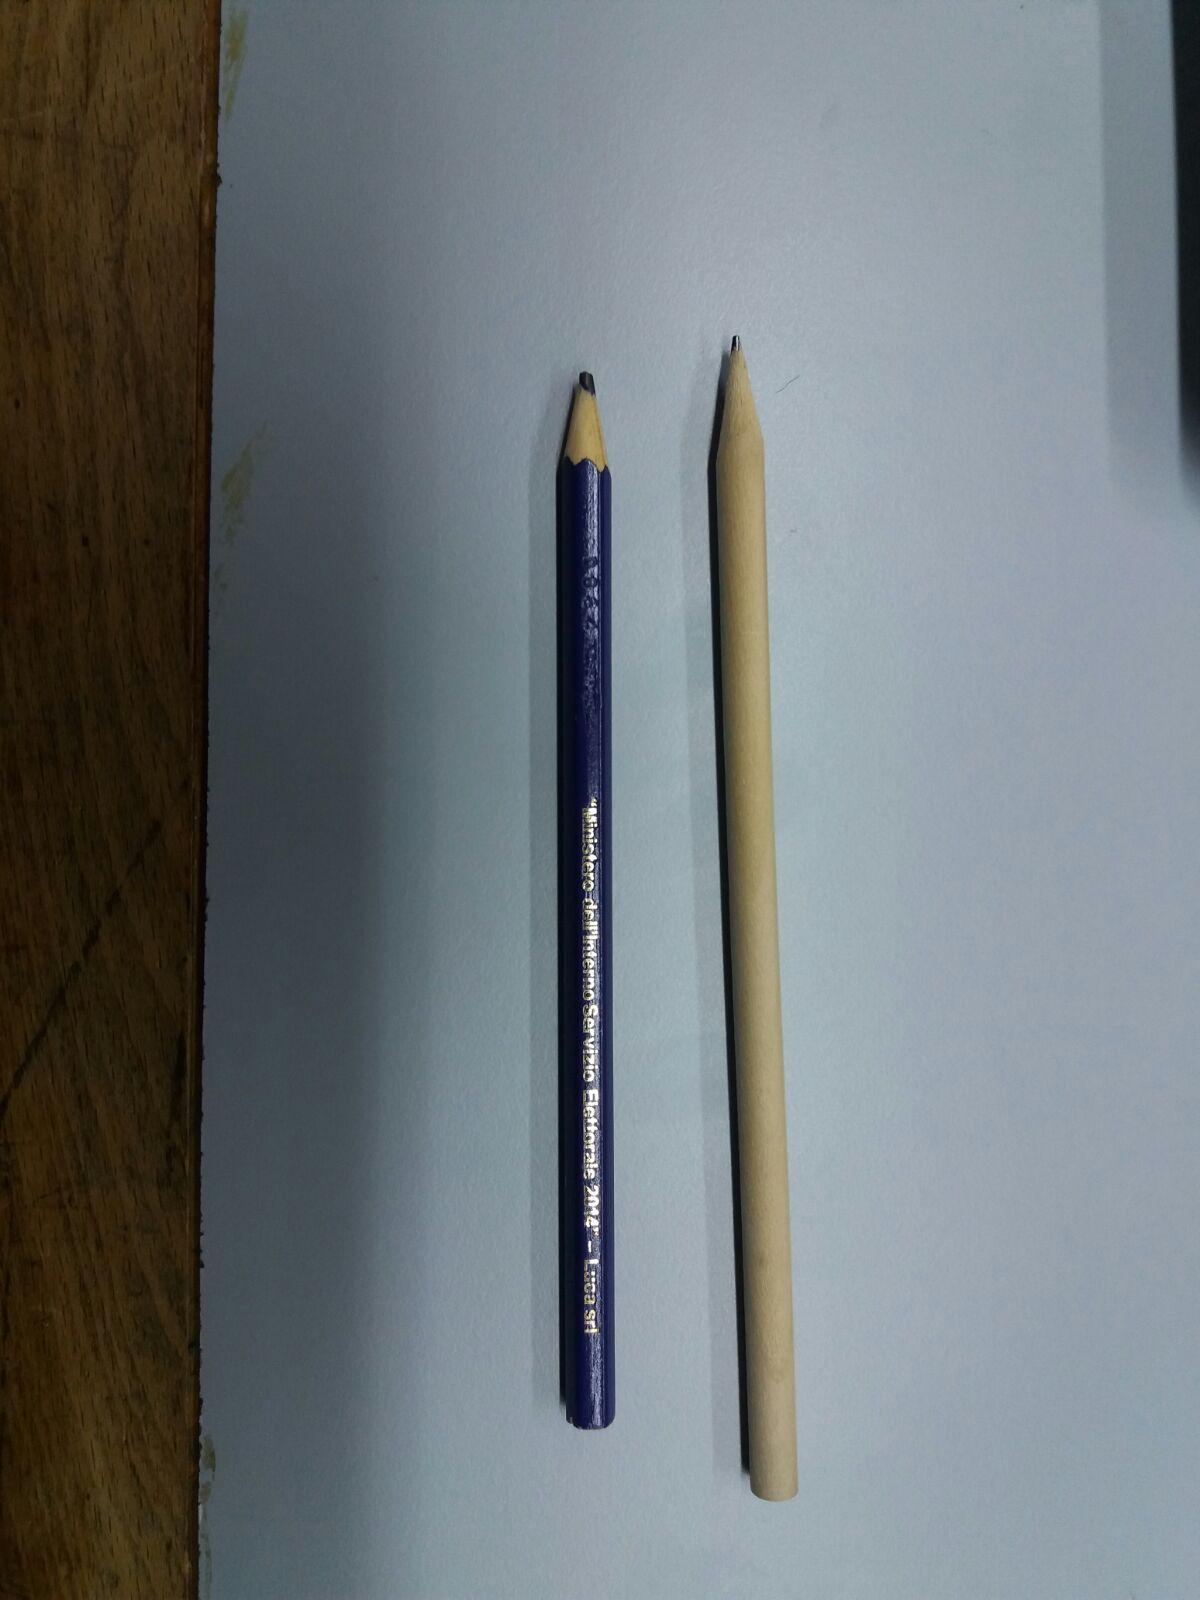 Bari, si diffonde la psicosi di brogli elettorali per le matite cancellabili, caos e denunce in diversi seggi la nota del ministero degli Interni